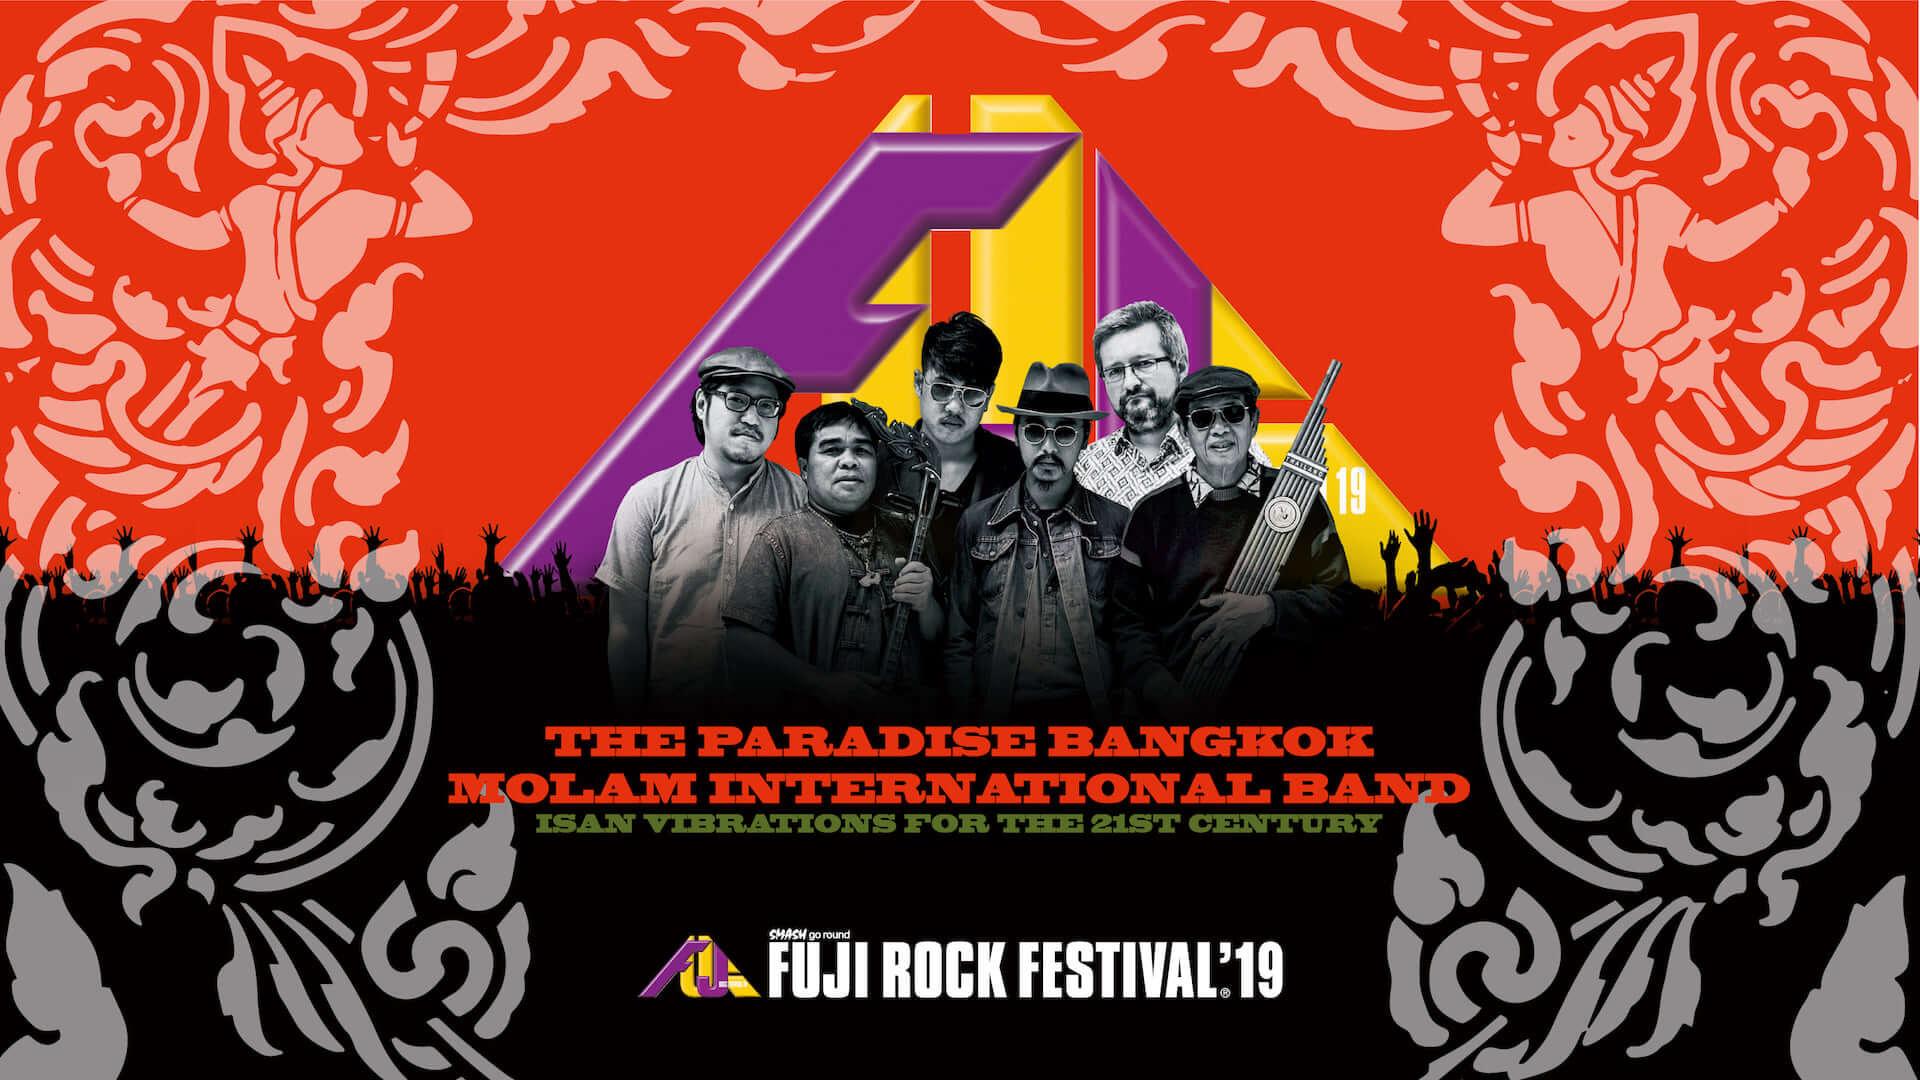 タイ最重要バンド''THE PARADISE BANGKOK MOLAM INTERNATIONAL BAND''がフジロックフェスティバルに登場! music190719_theparadisebangkokmolaminternationalband_6-1920x1080